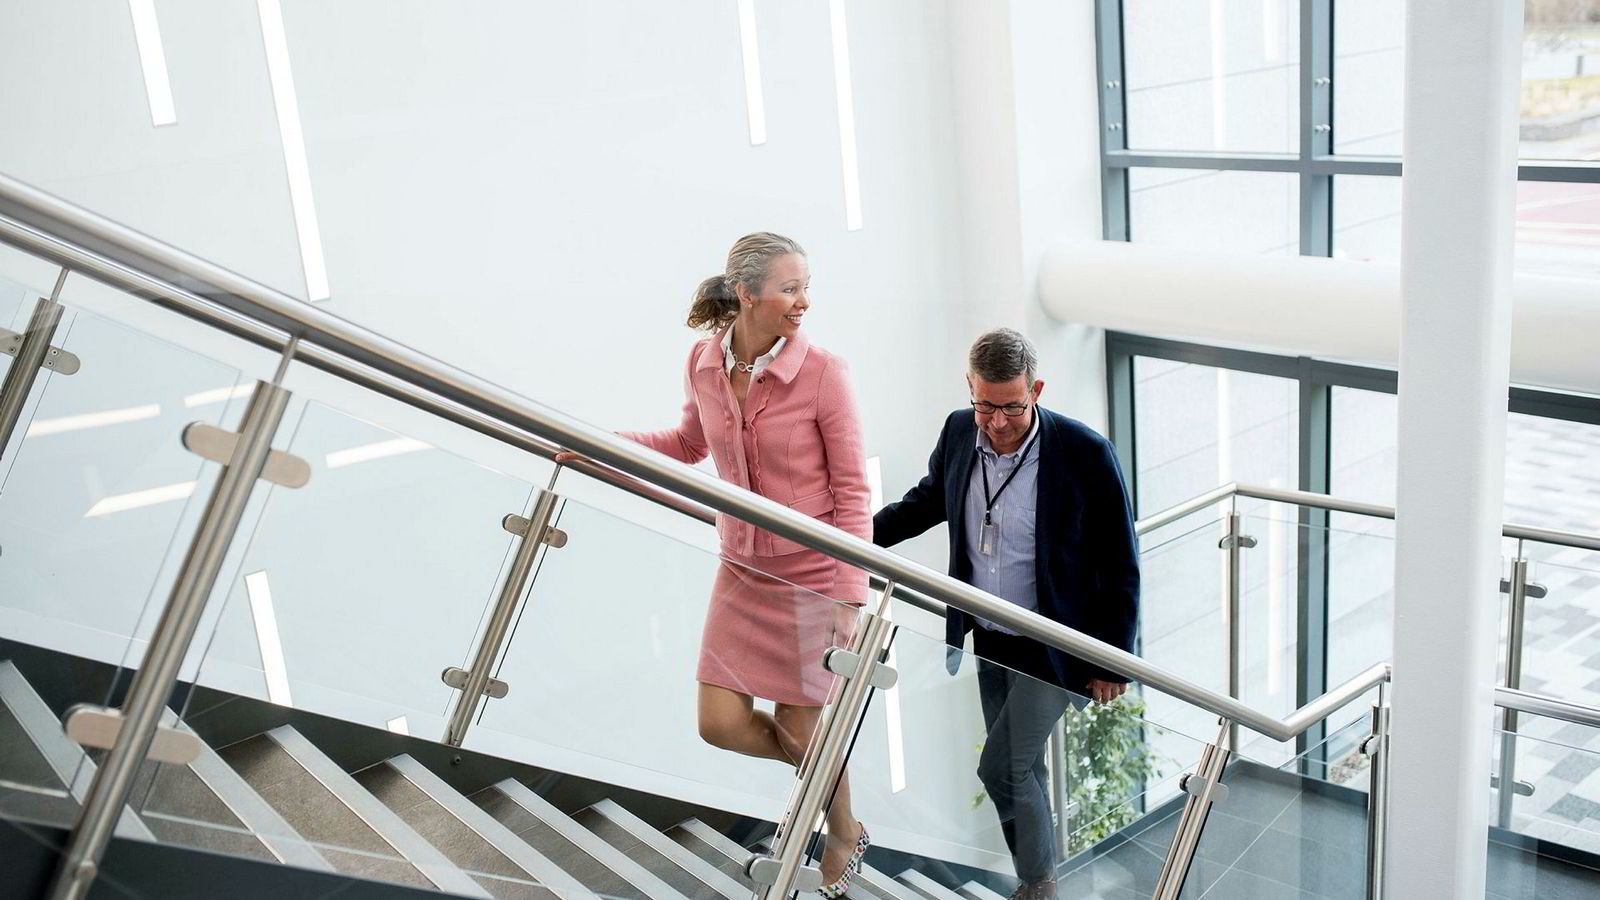 Hedda Felin er direktør for Storbritannia og Irland offshore i Equinor. Her er hun sammen med prosjektleder for den pågående Mariner-utbyggingen, Morten Ruth. De to jobber i selskapets nye kontorbygg i Aberdeen.